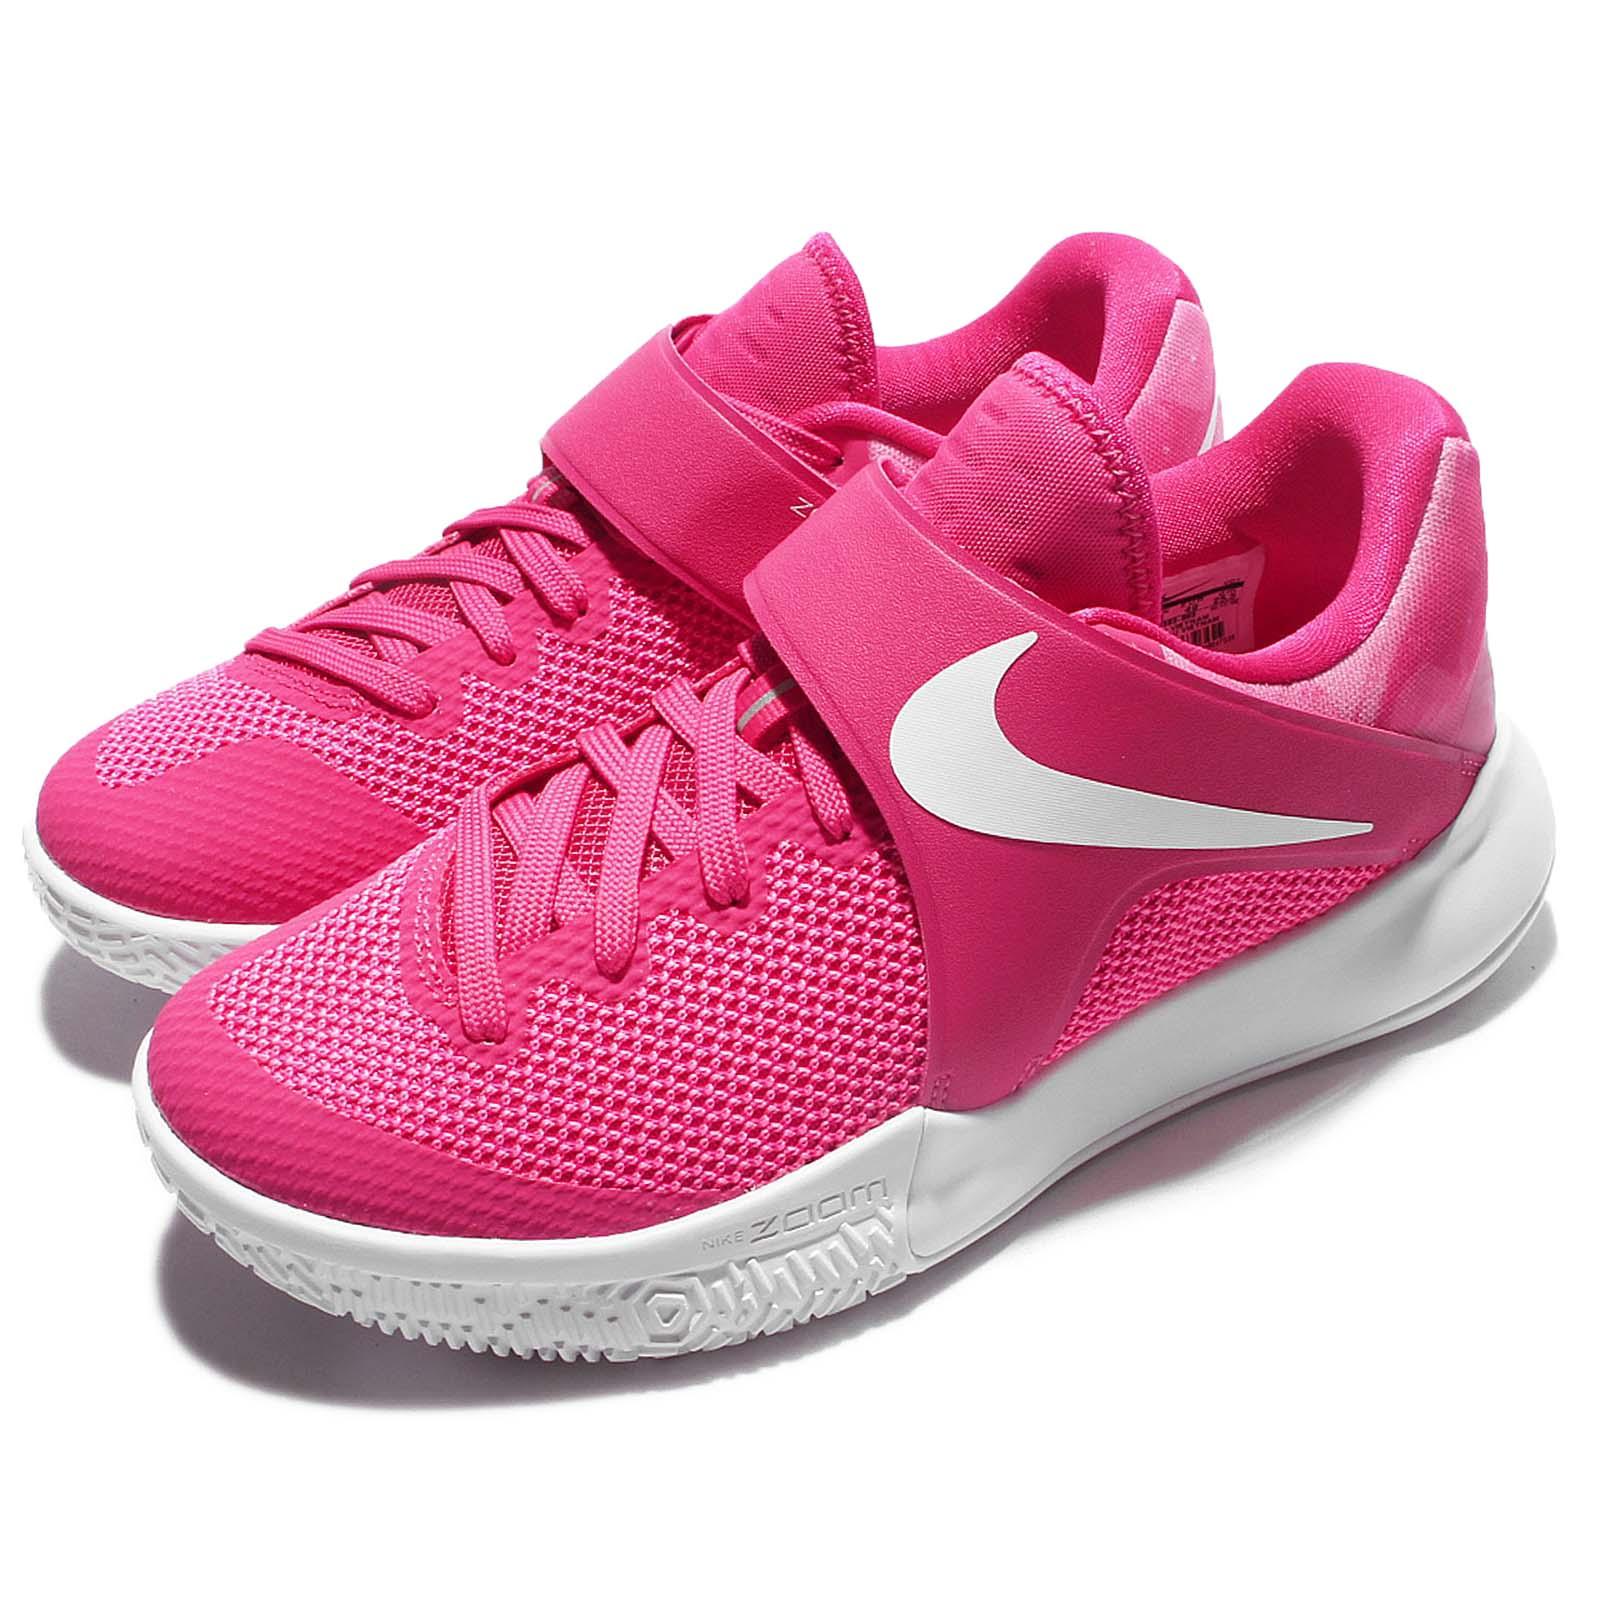 Nike 籃球鞋 Zoom Live EP 女款 903563-600